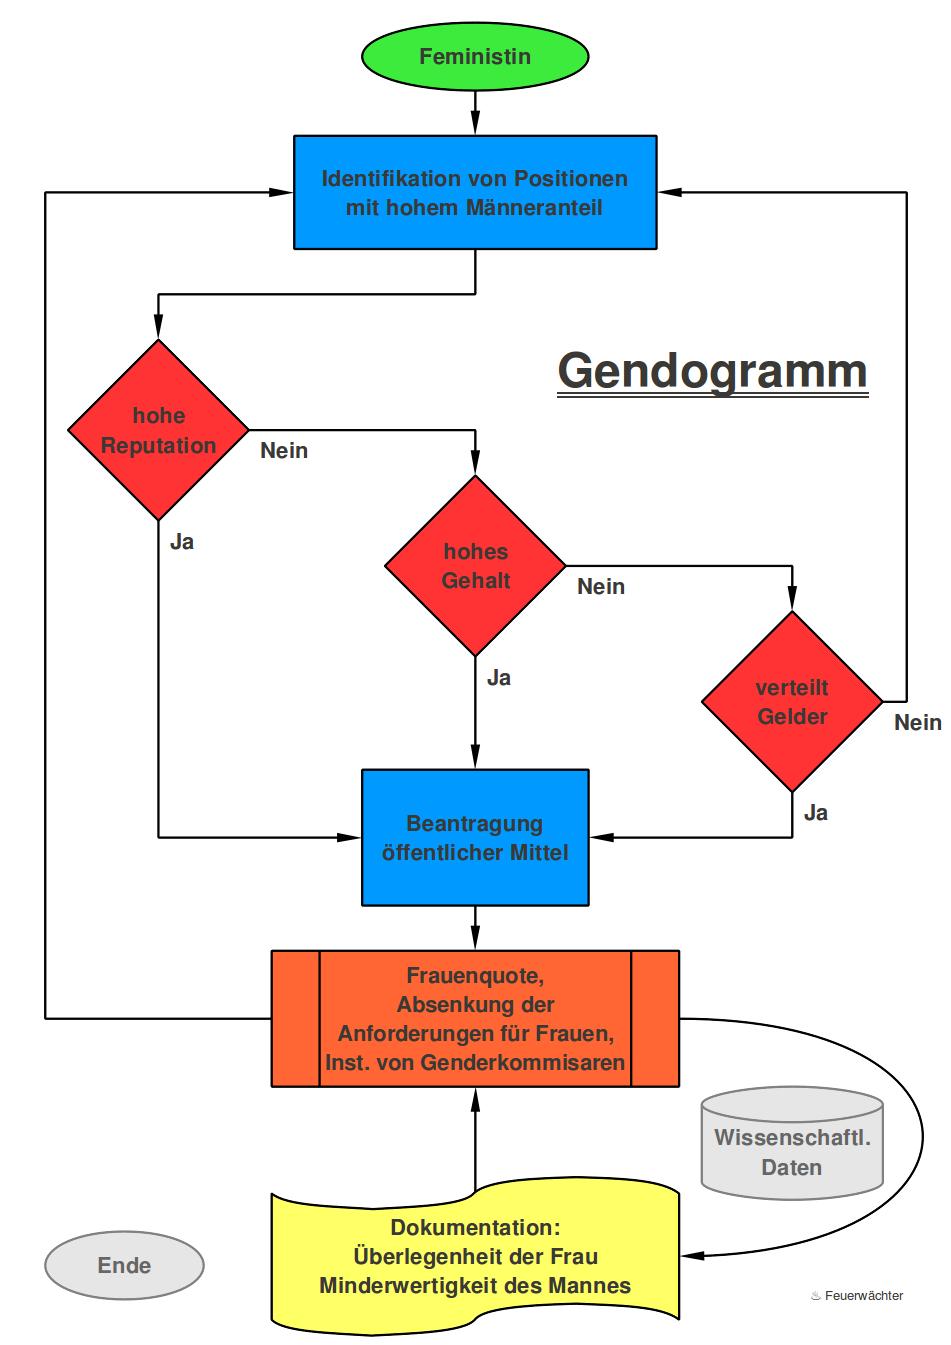 Gendogramm — Das Flussdiagramm zum Feminismus